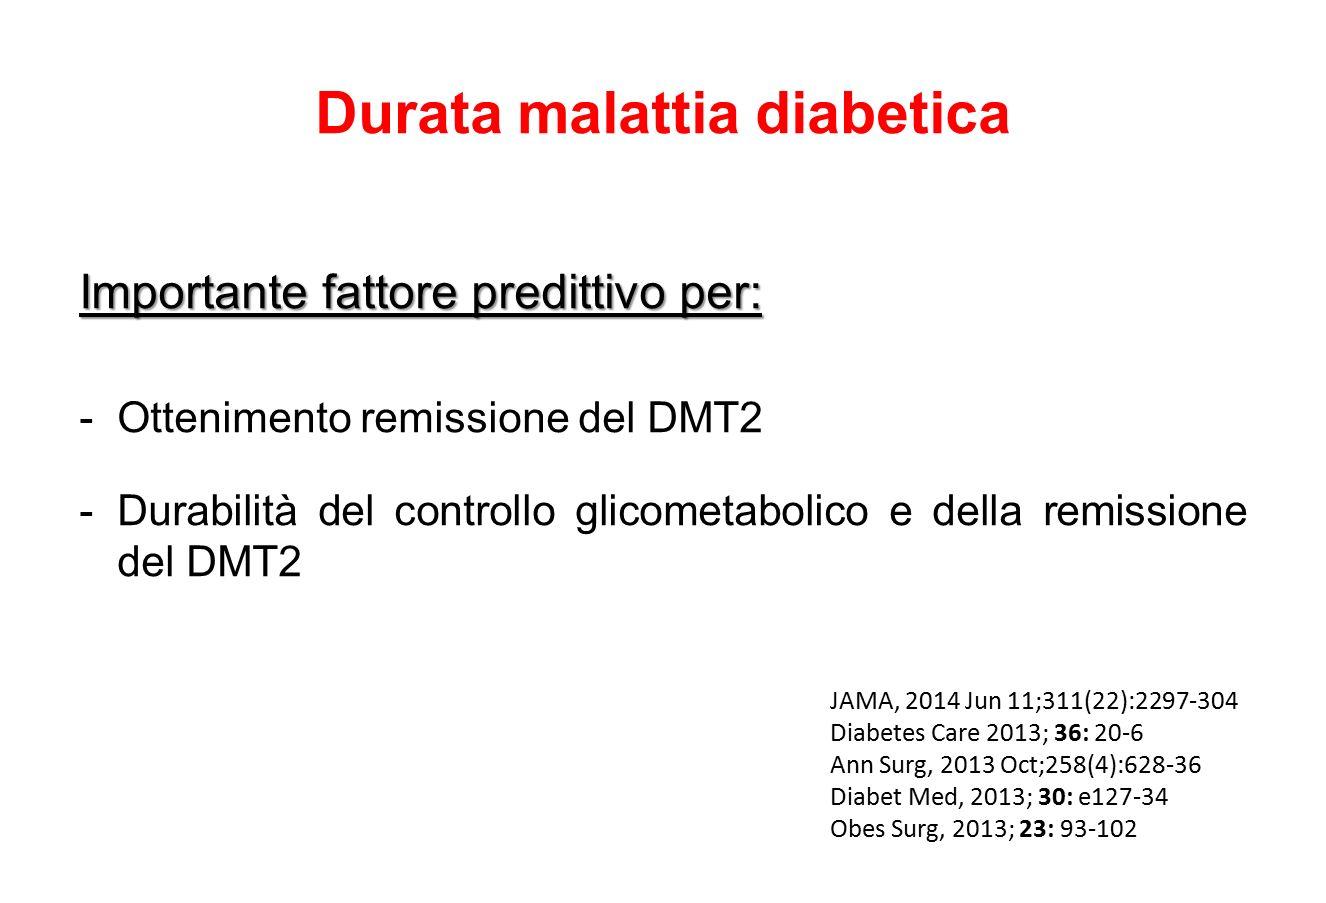 Durata malattia diabetica Importante fattore predittivo per: - Ottenimento remissione del DMT2 -Durabilità del controllo glicometabolico e della remissione del DMT2 JAMA, 2014 Jun 11;311(22):2297-304 Diabetes Care 2013; 36: 20-6 Ann Surg, 2013 Oct;258(4):628-36 Diabet Med, 2013; 30: e127-34 Obes Surg, 2013; 23: 93-102